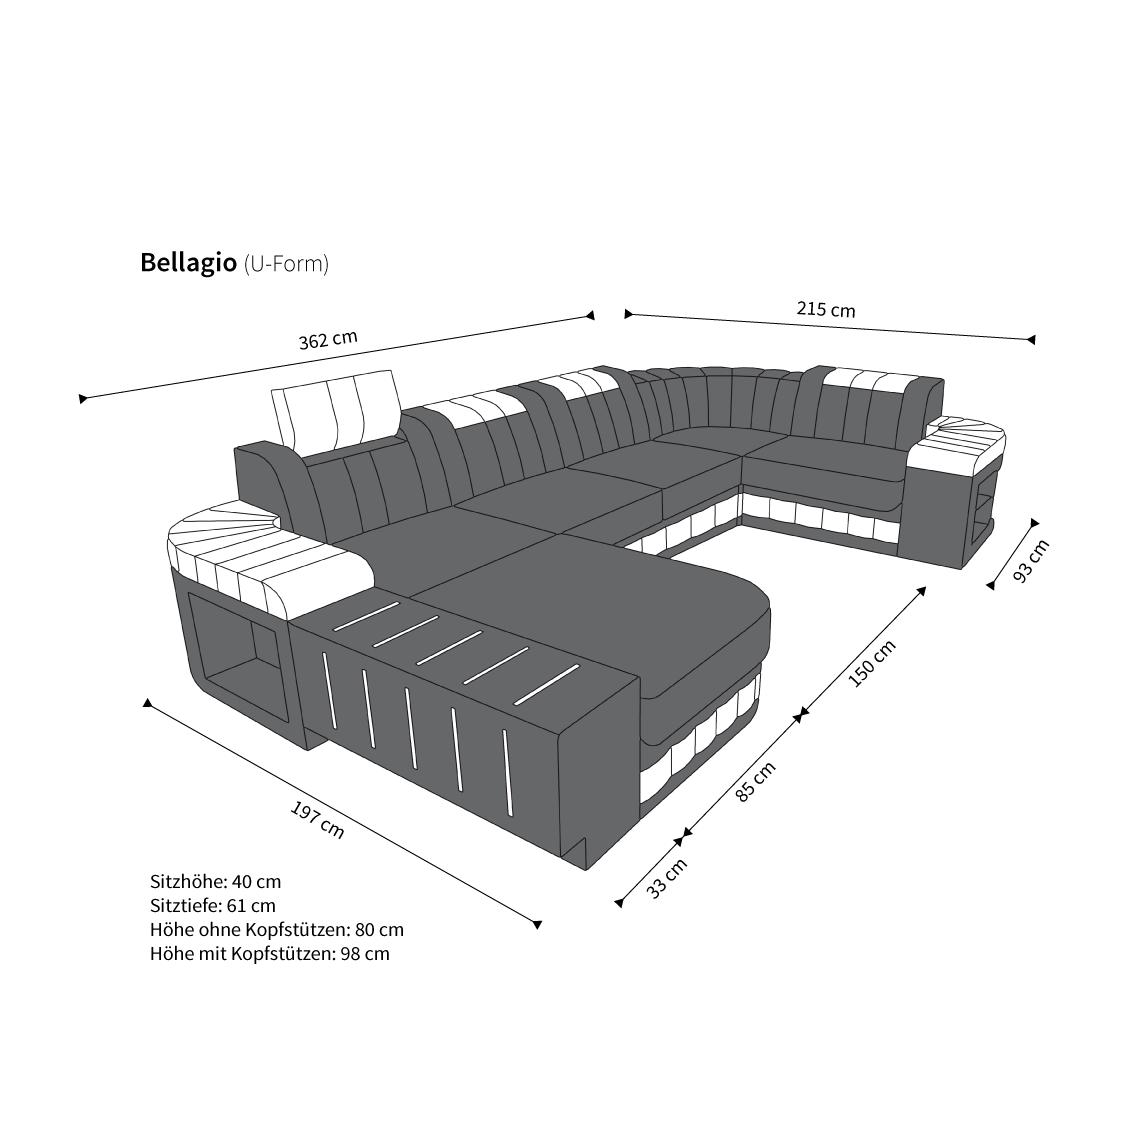 sofagarnitur bellagio u form xxl couch design sofa weiss moderne wohnlandschaft ebay